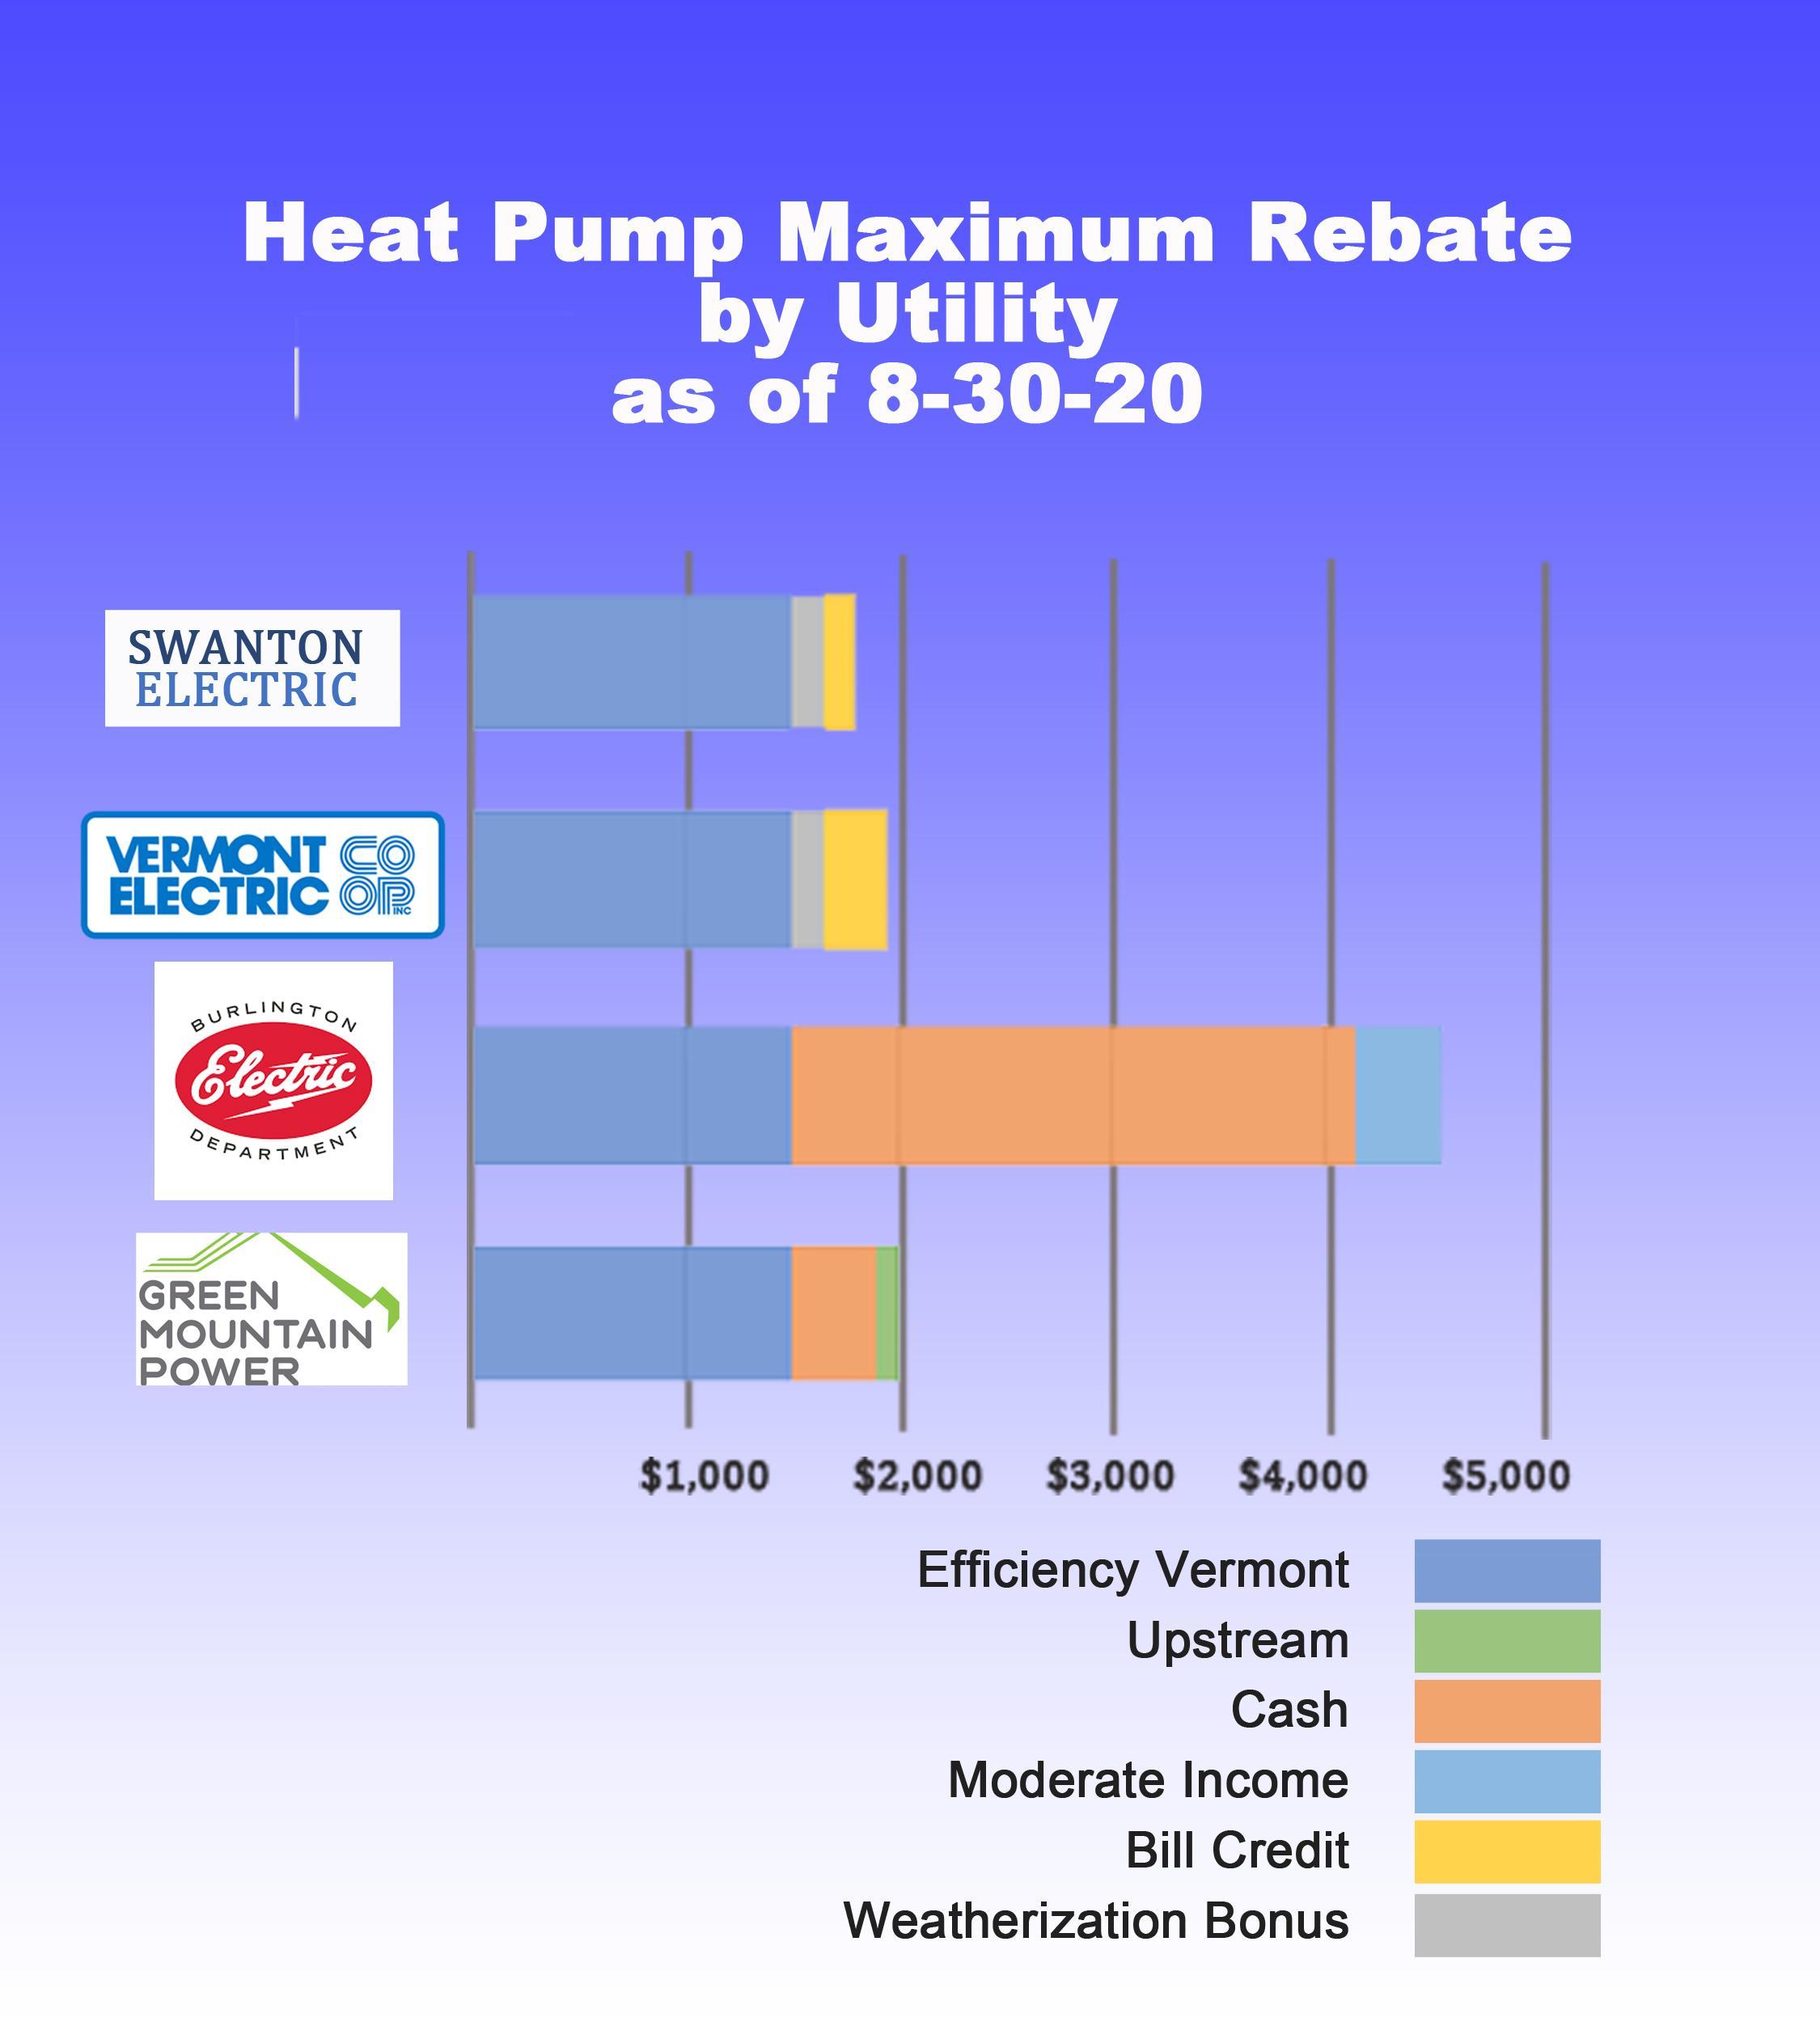 Heat Pump Rebates as of 8-29-20